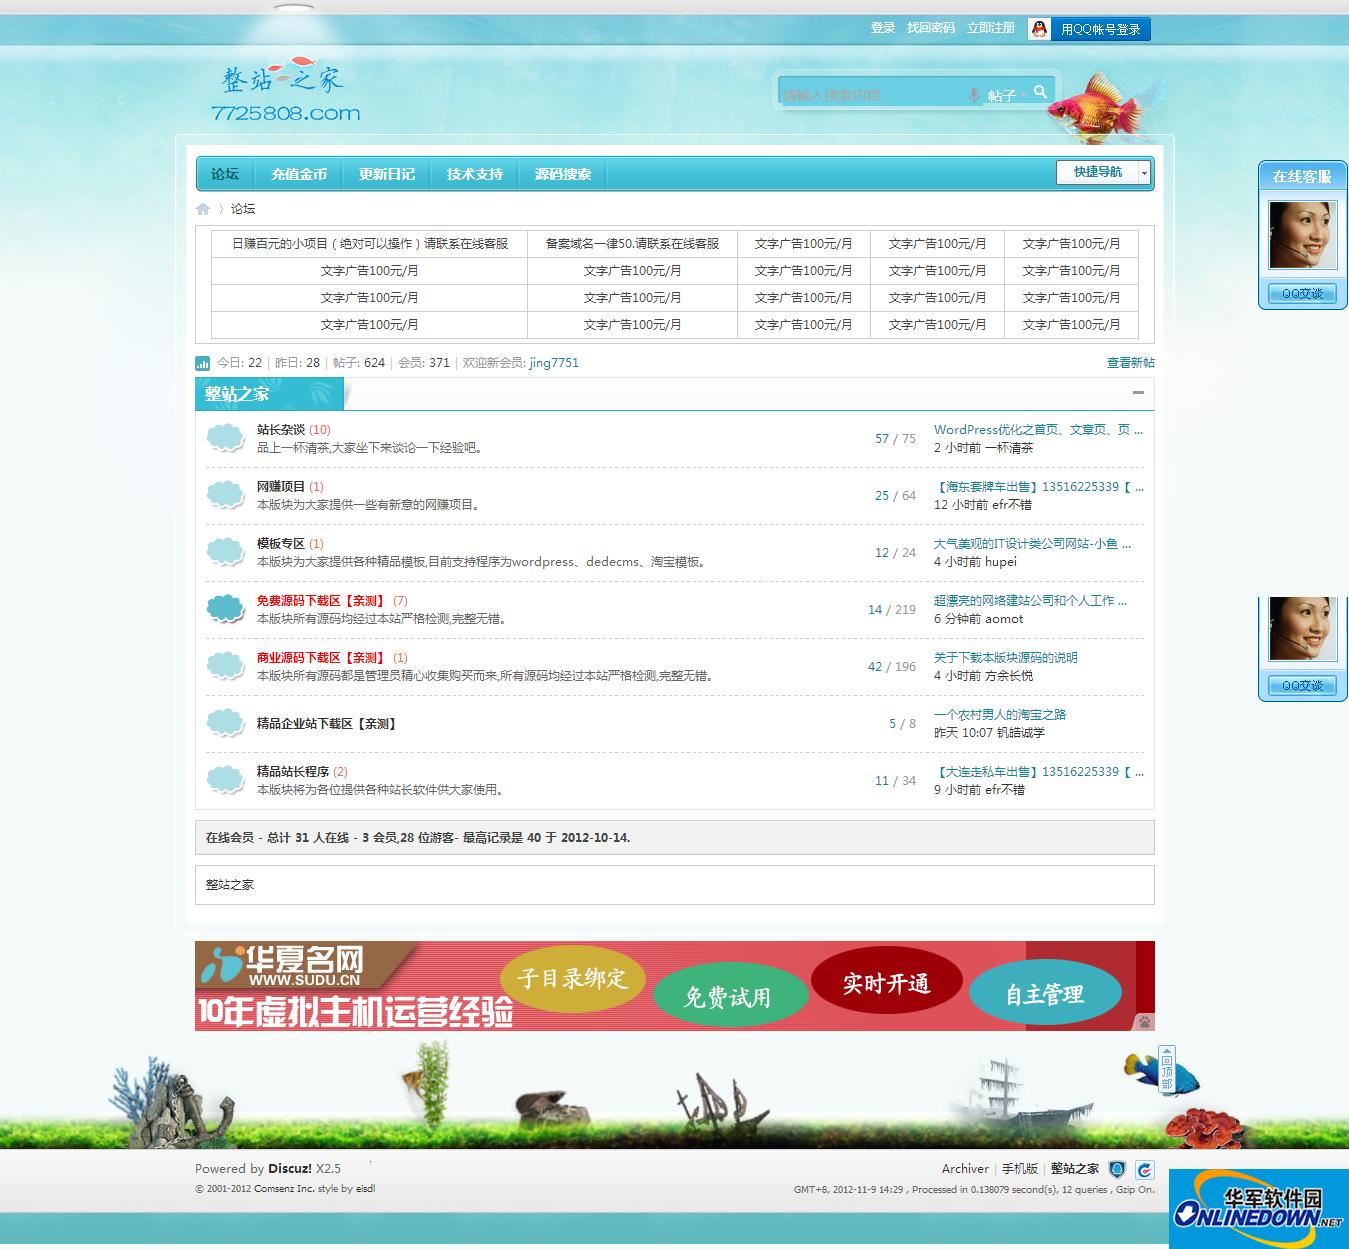 仿雨林木风门户网站整站程序 for dedecms